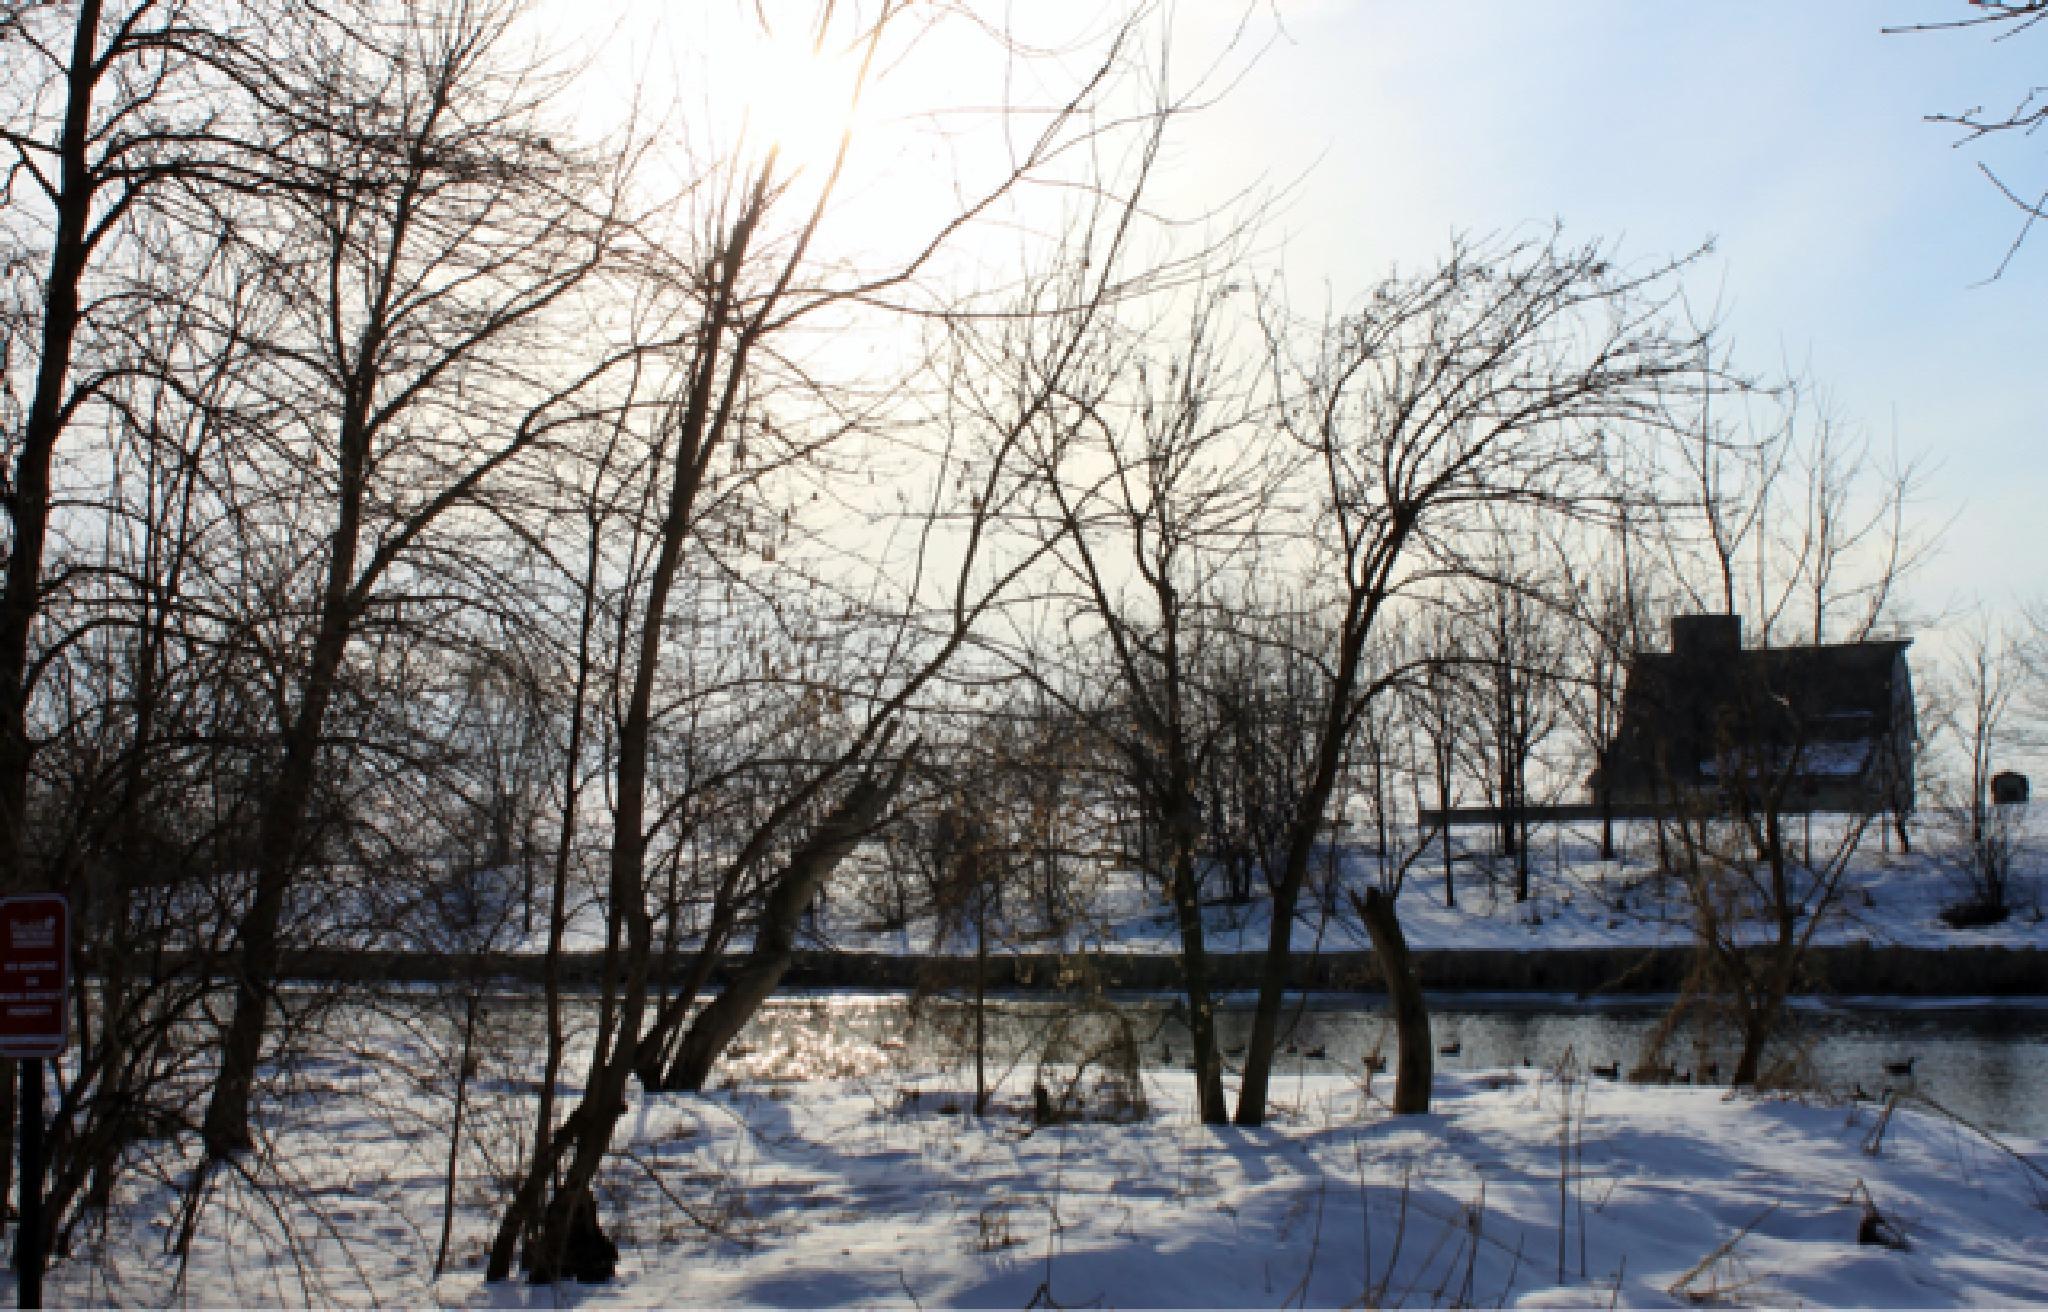 DuPage River 2015-02-22 001 by bforeback